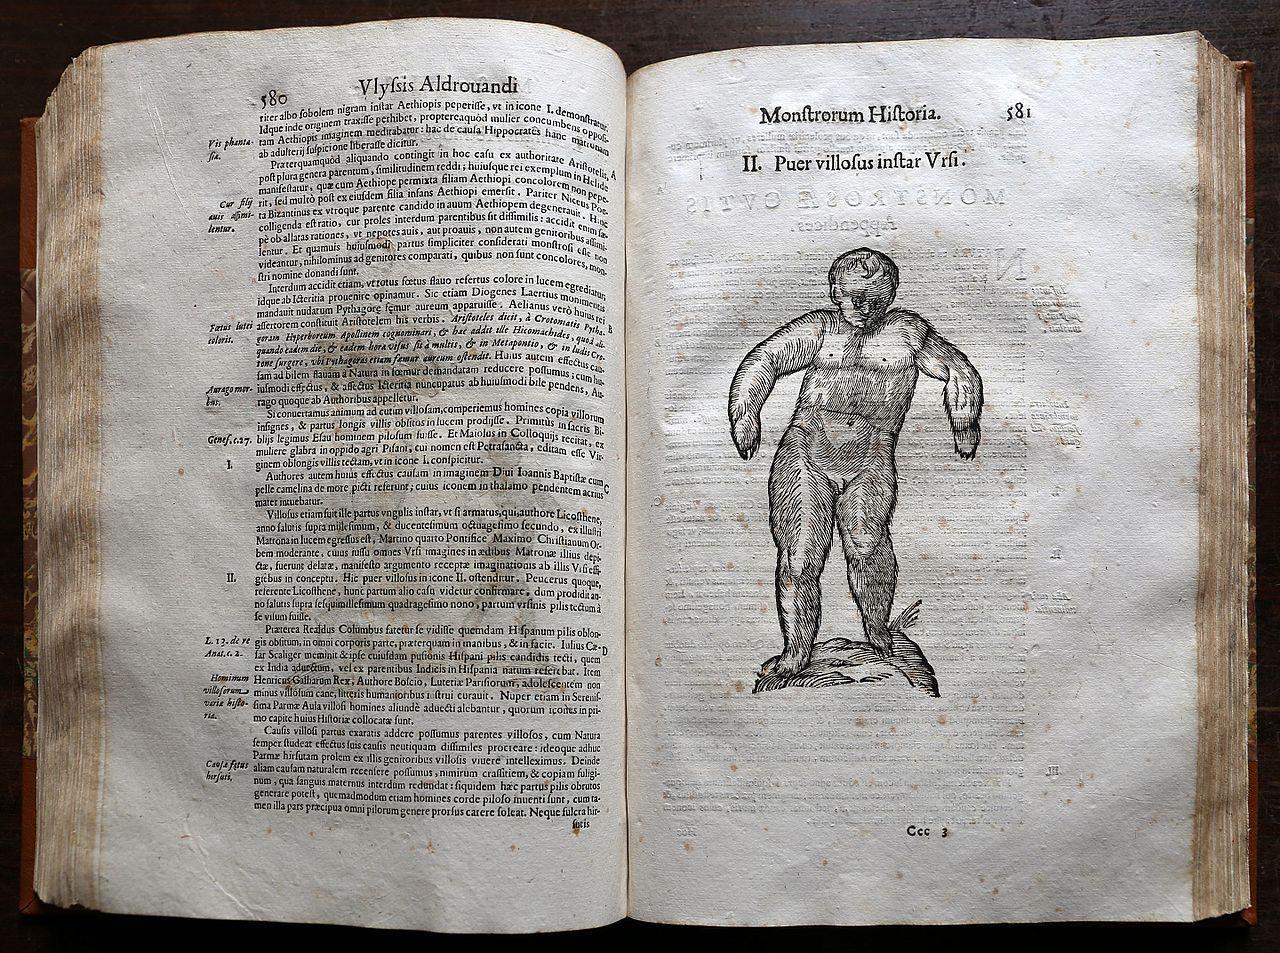 1280px-Ulisse_aldrovandi,_monstrorum_historia,_per_nicola_tebaldini,_bologna_1642,_191_bambino_ipertricotico